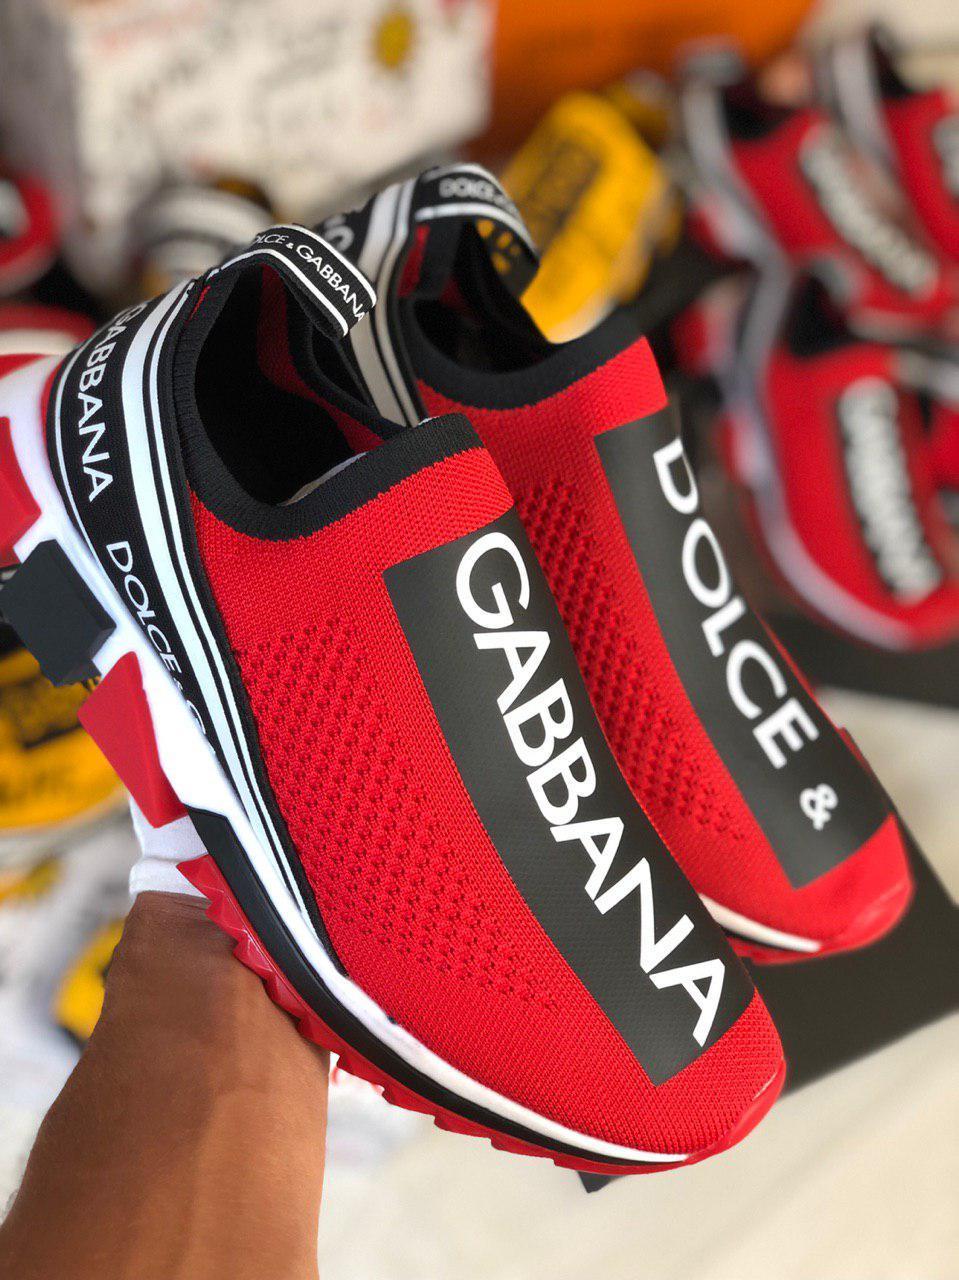 Кроссовки мужские Dolce & Gabbana D7944 красные